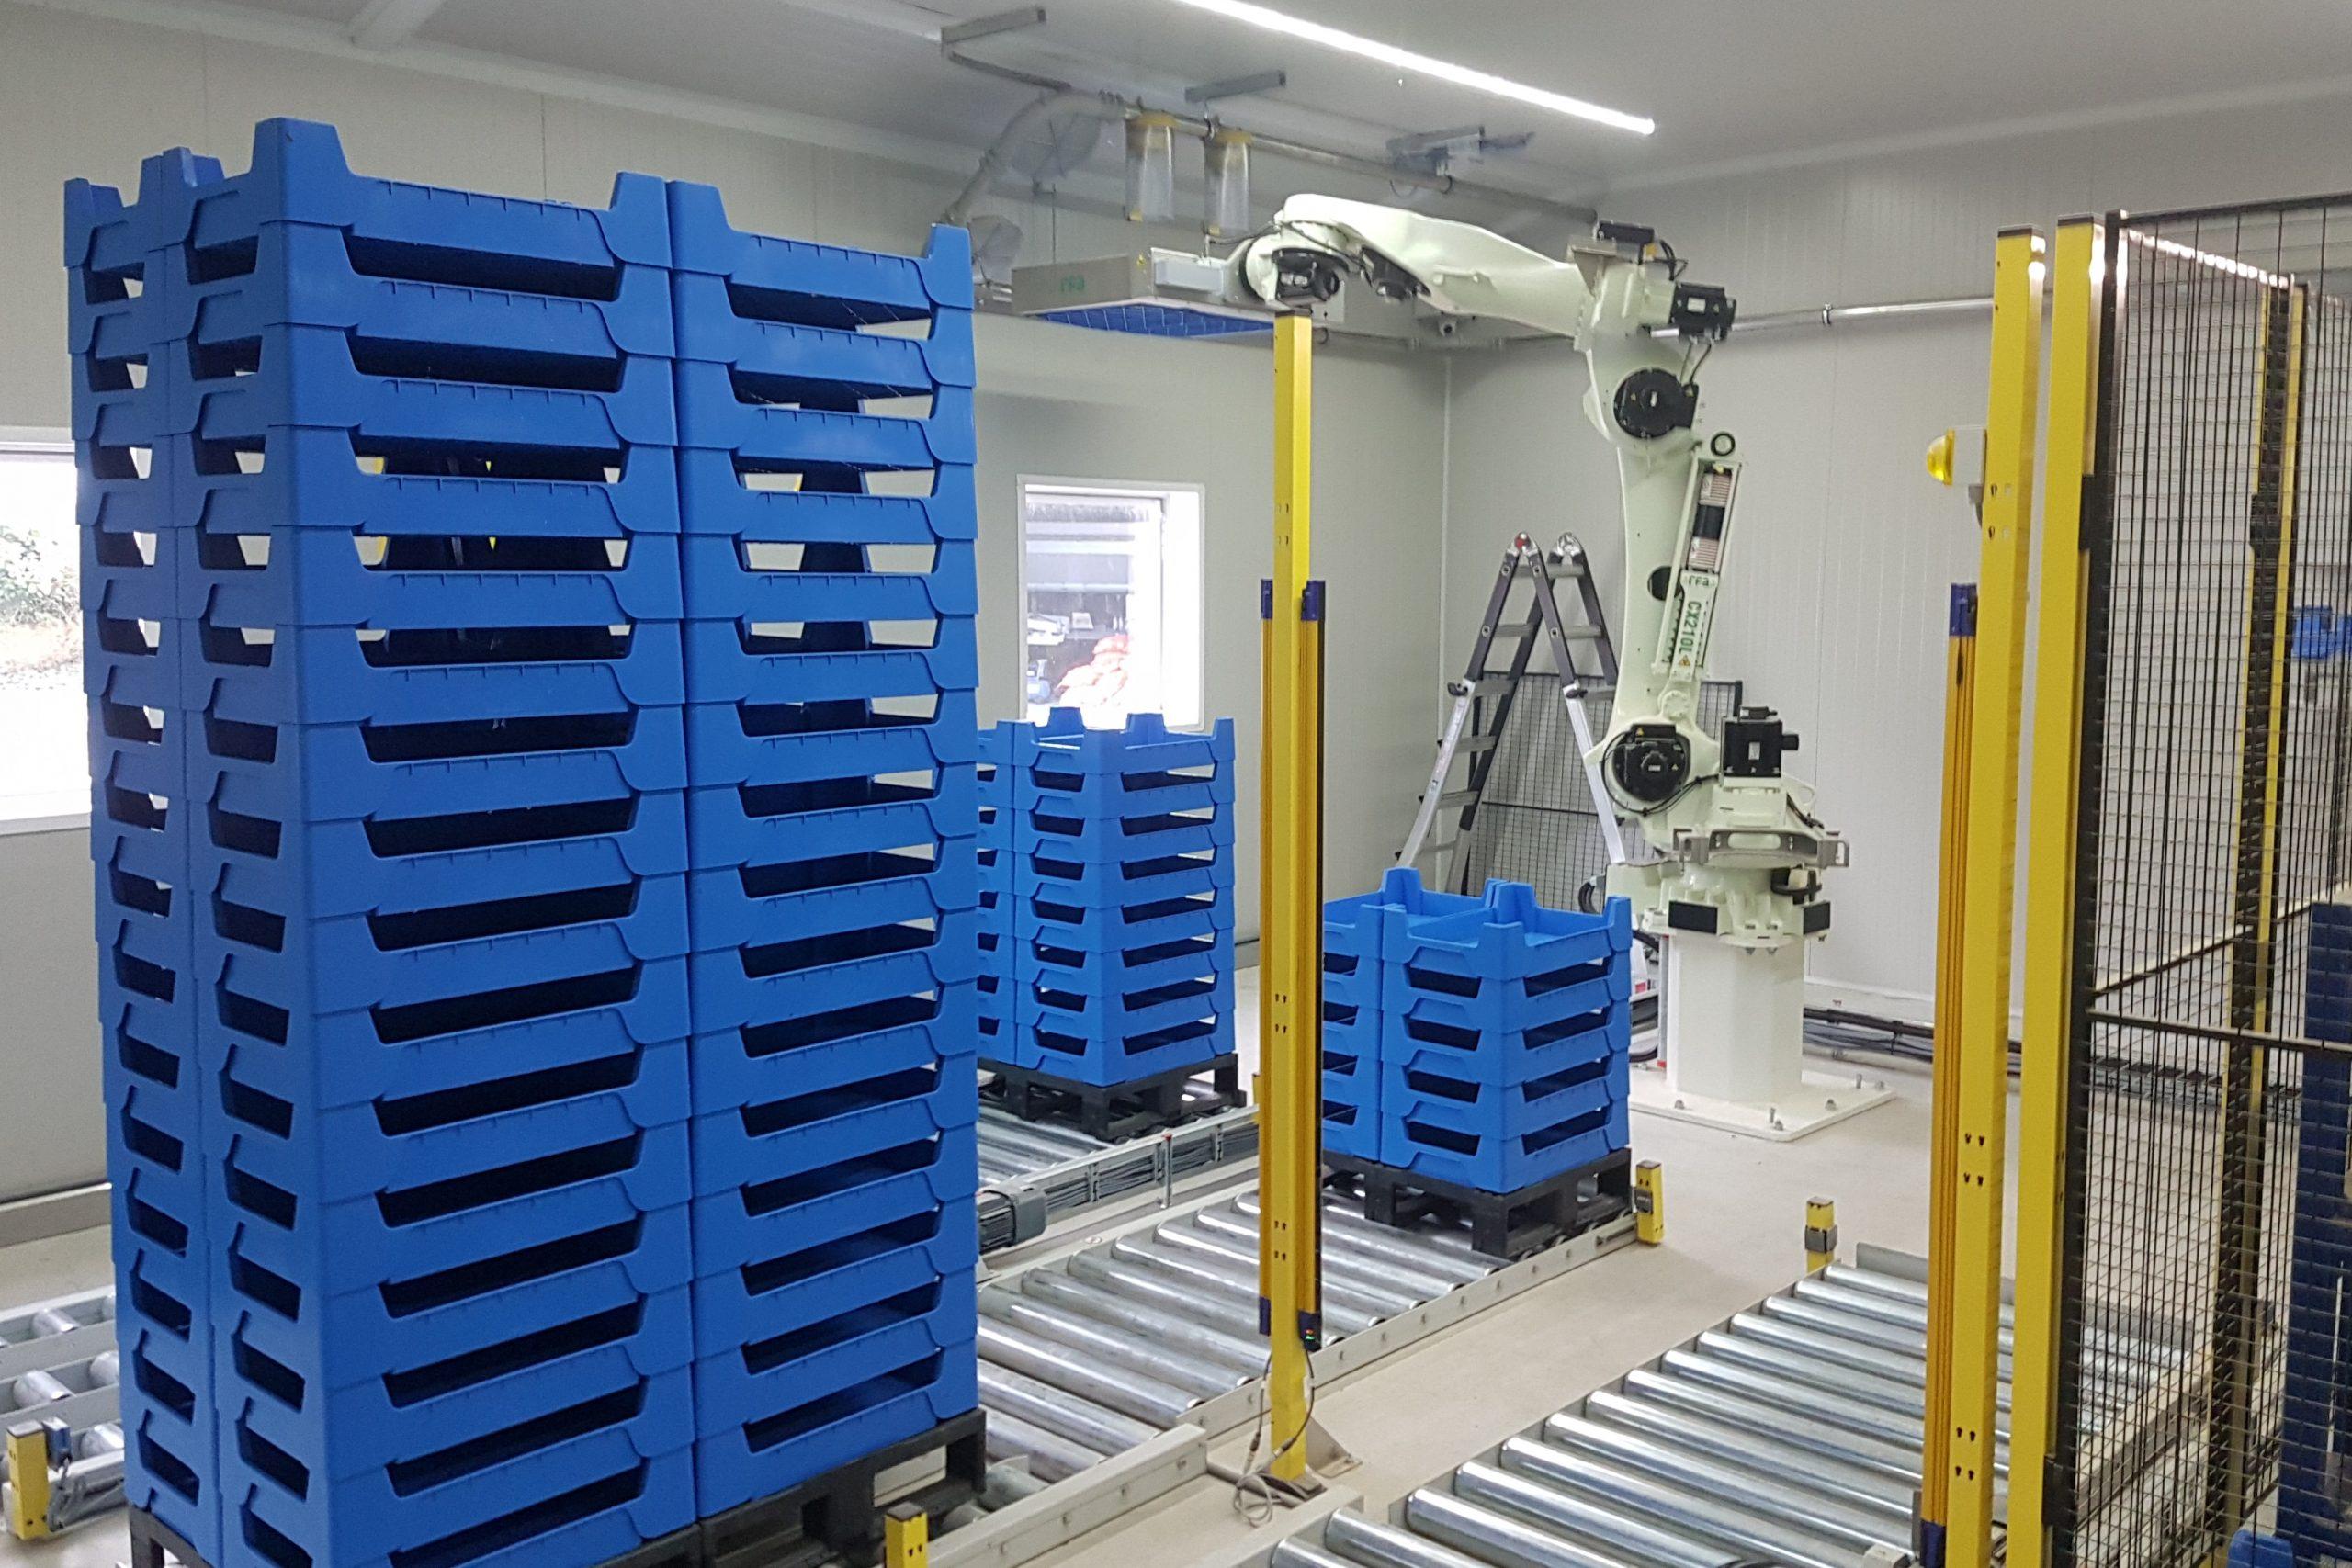 RFA Kawasaki CX210LFE02 robot voert de meelwormen in de kratten